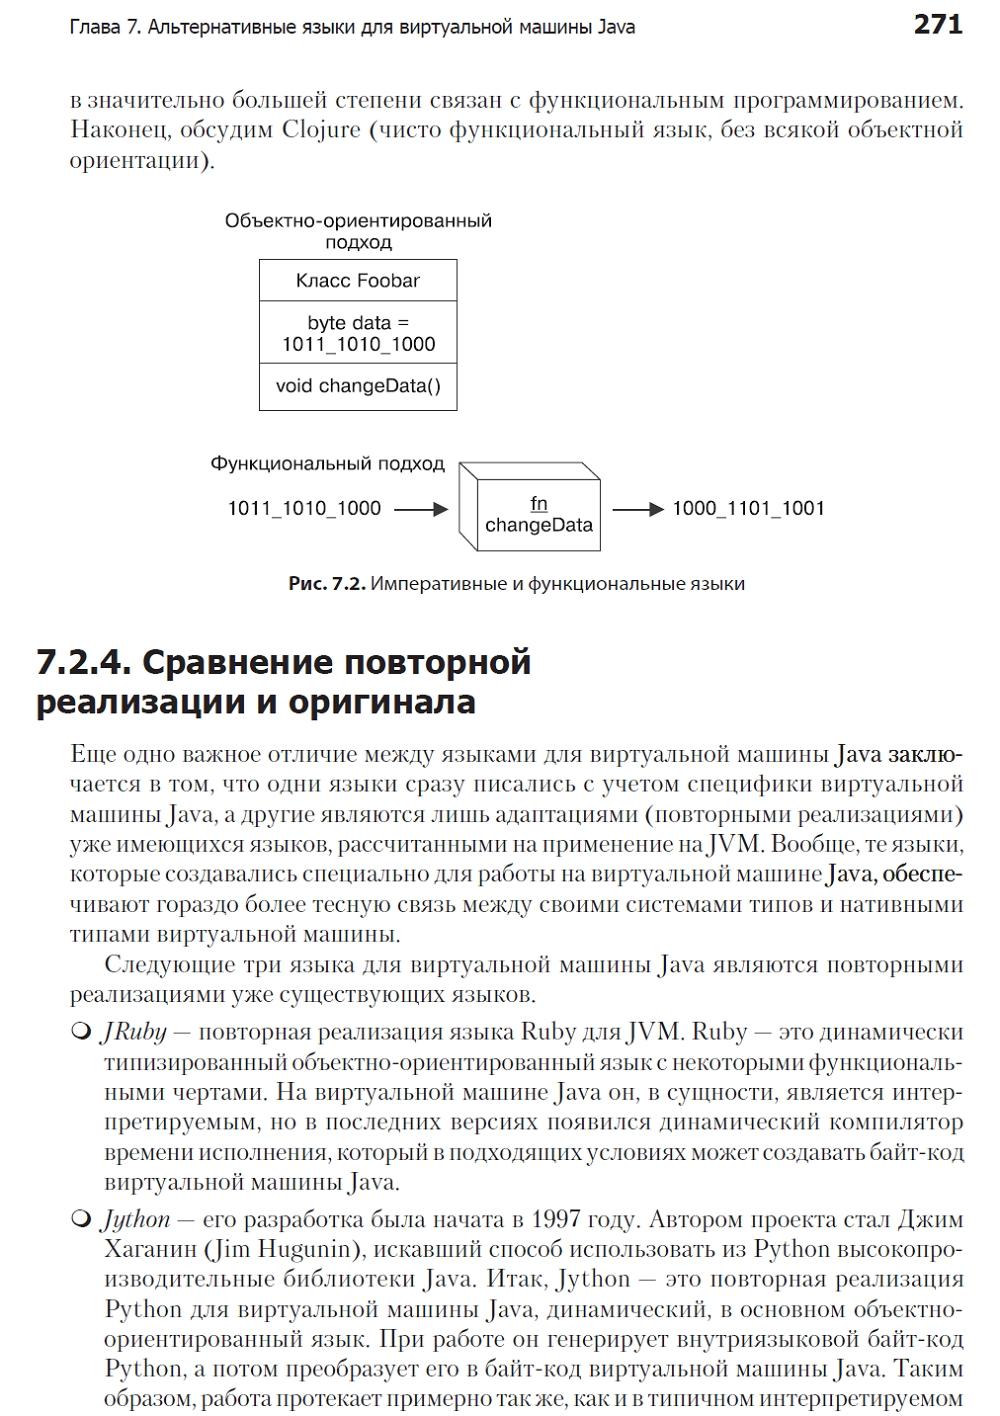 http://i6.imageban.ru/out/2014/01/12/5463f18a404449d1cbad1db1990b883b.jpg